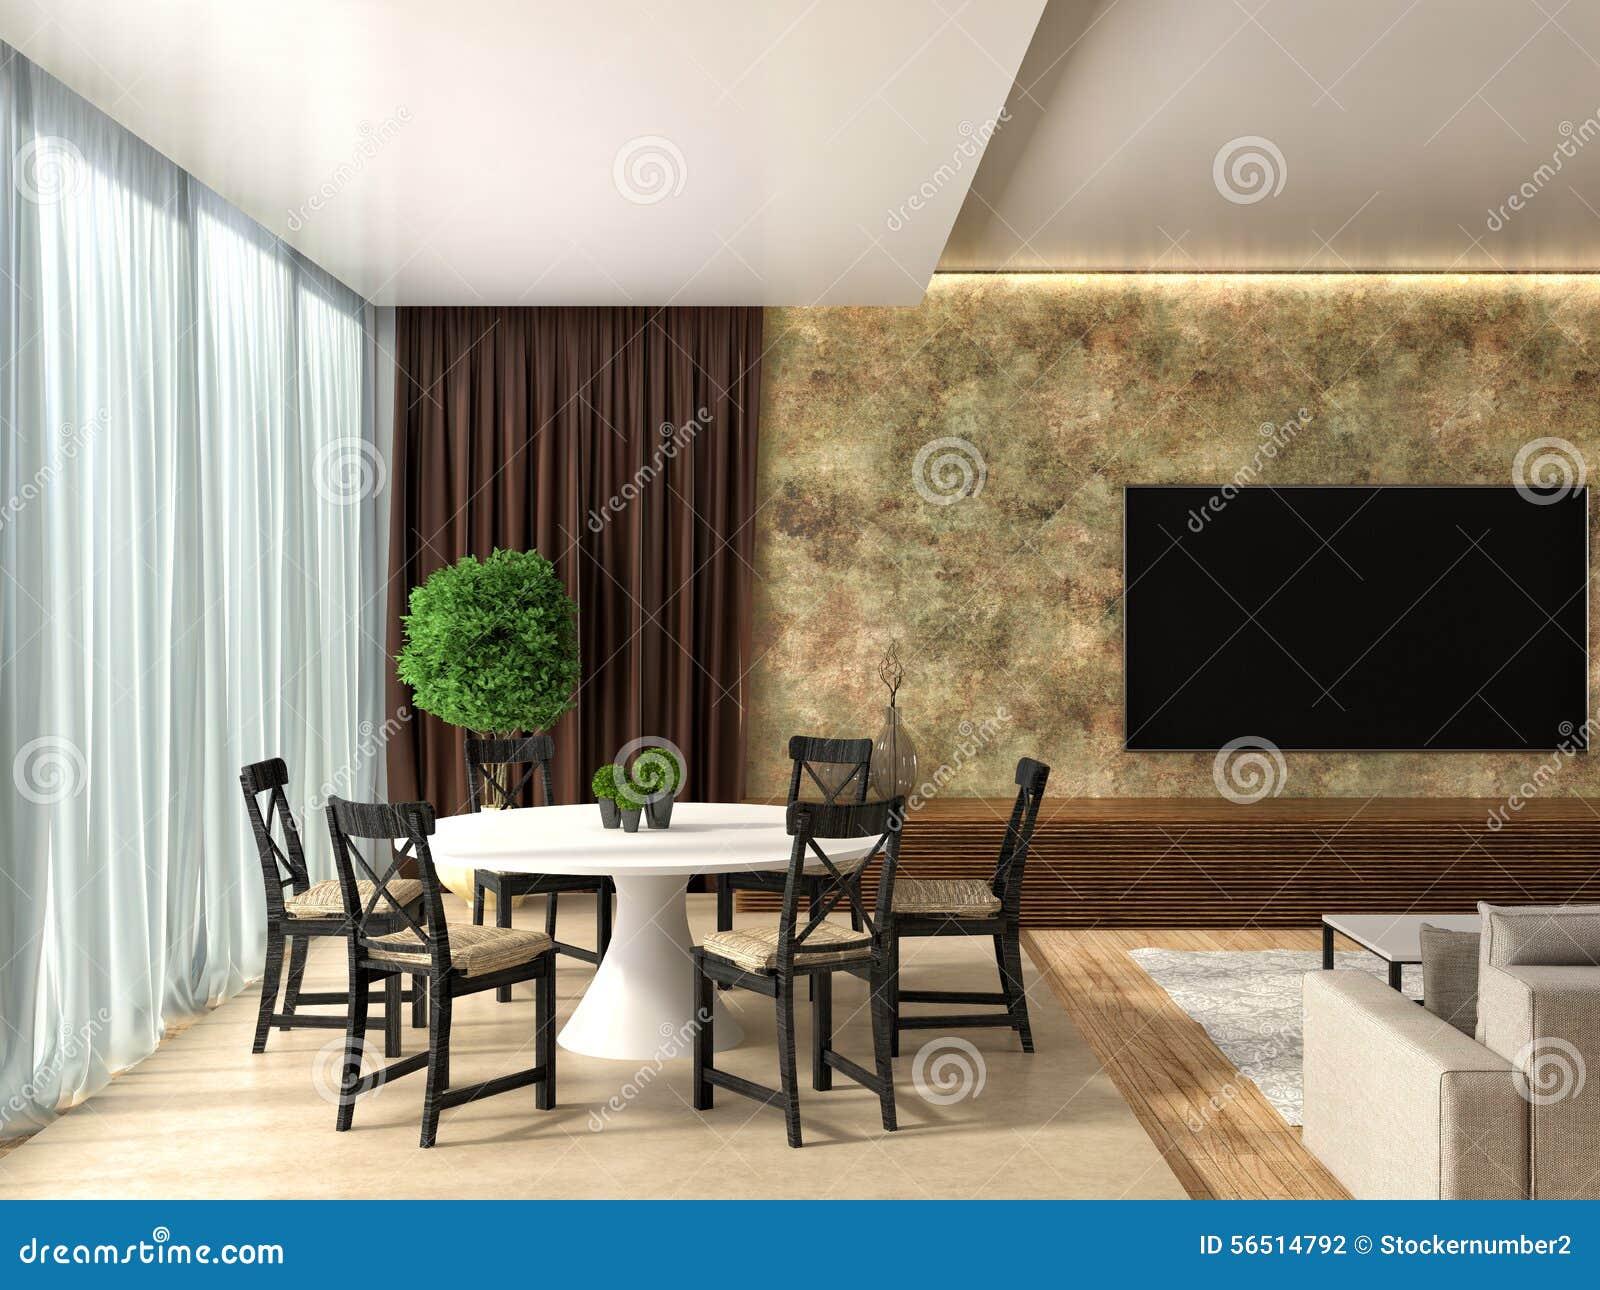 Moderne Küche Und Wohnzimmer Abbildung 3D Stock Abbildung ...